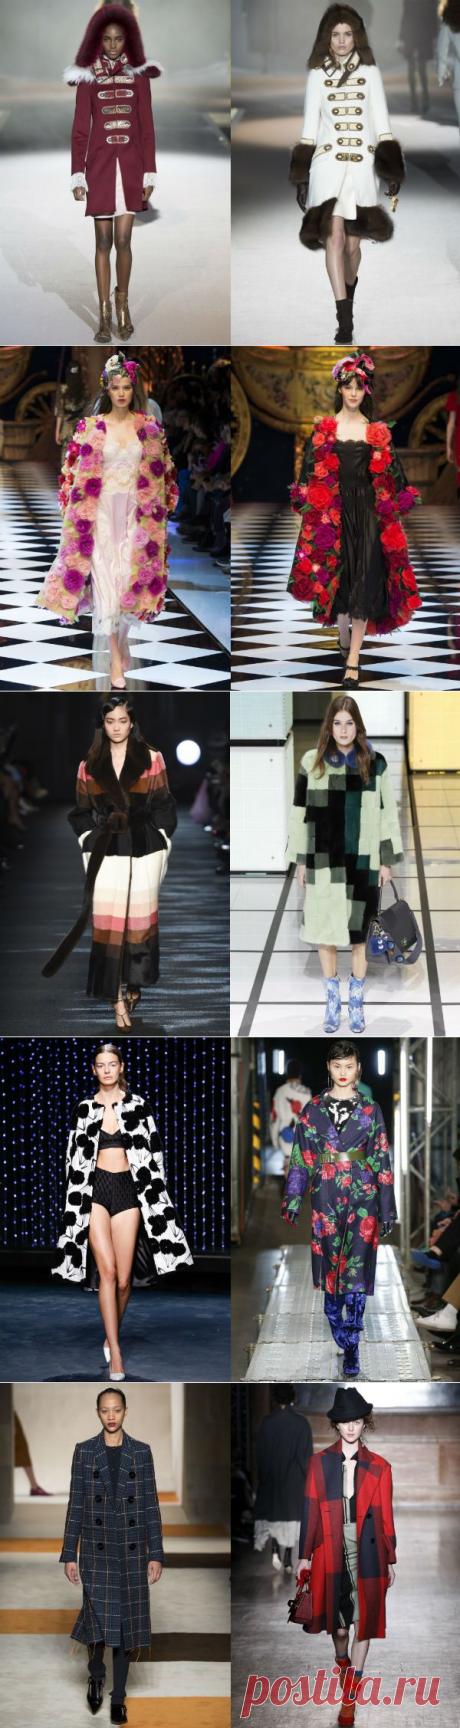 Пальто женское 2017: выбираем актуальные модели - Ladiesvenue